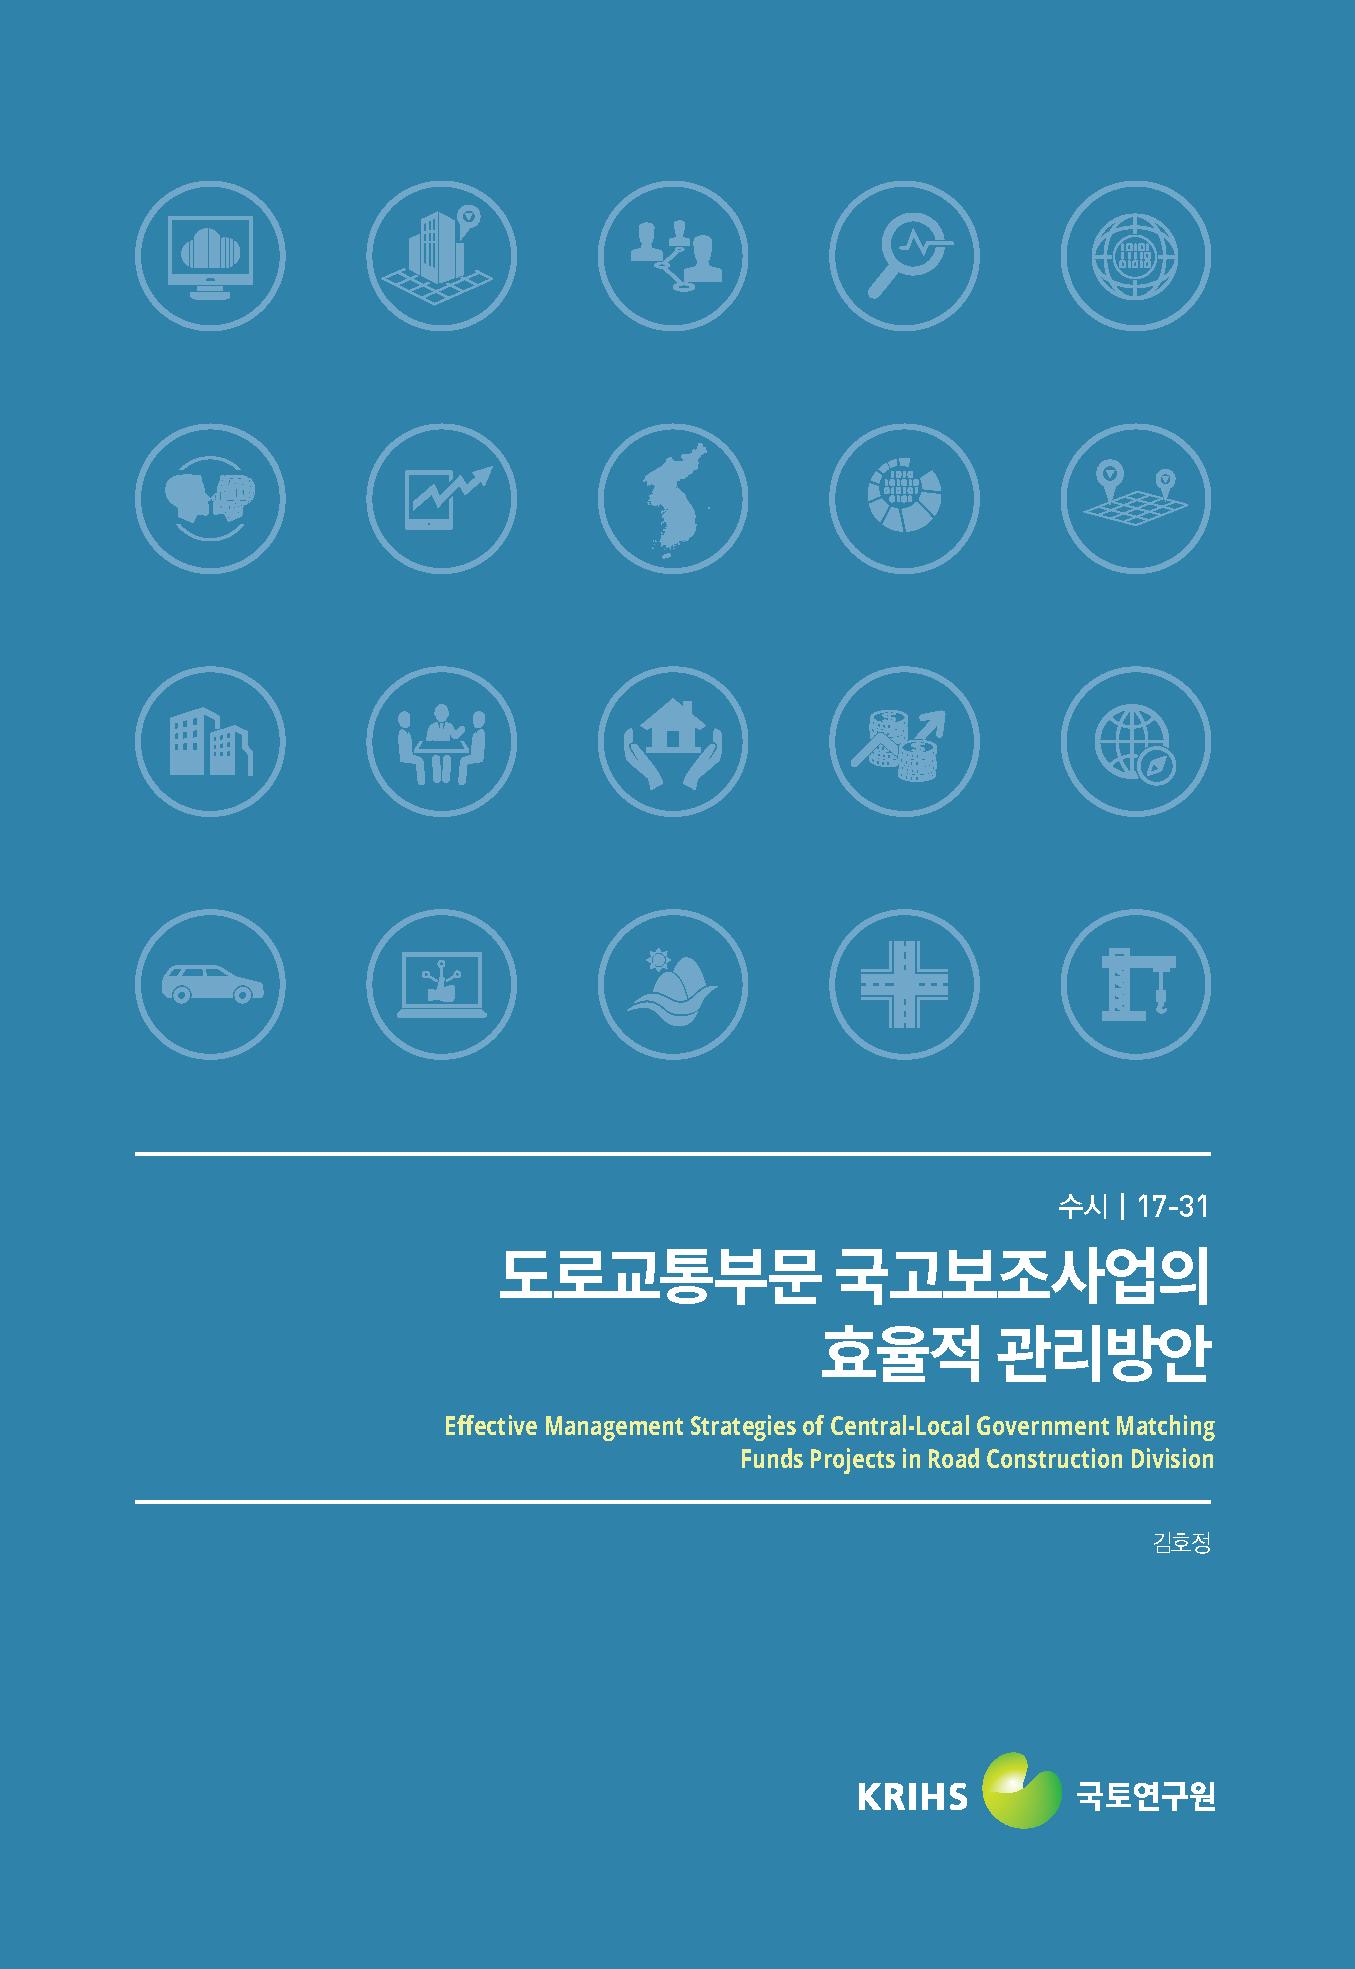 도로교통부문 국고보조사업의 효율적 관리방안 표지